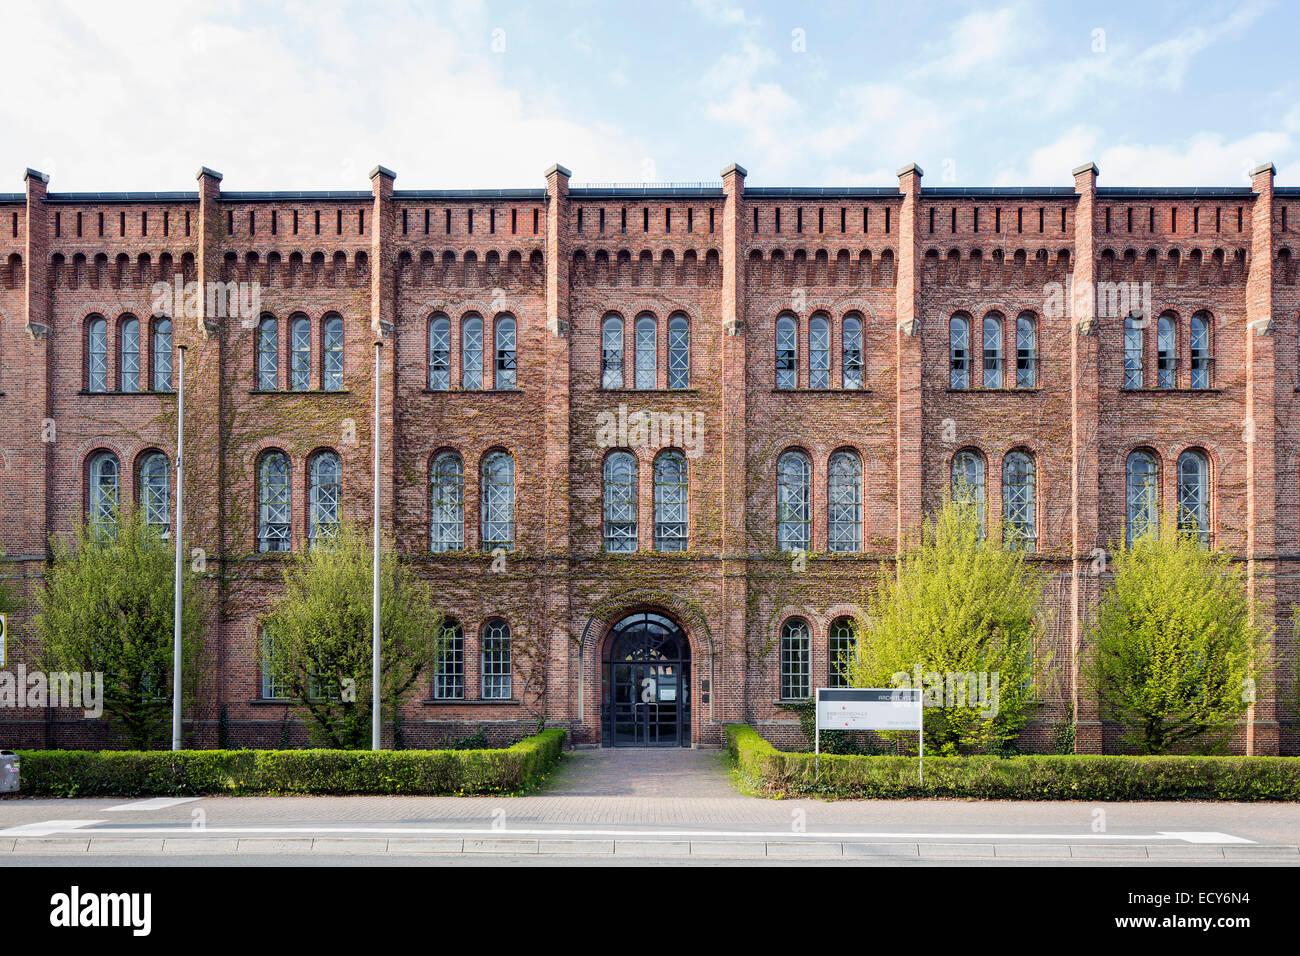 Edificio principale del dipartimento di Architettura, Università di Giada, Oldenburg, Bassa Sassonia, Germania Immagini Stock